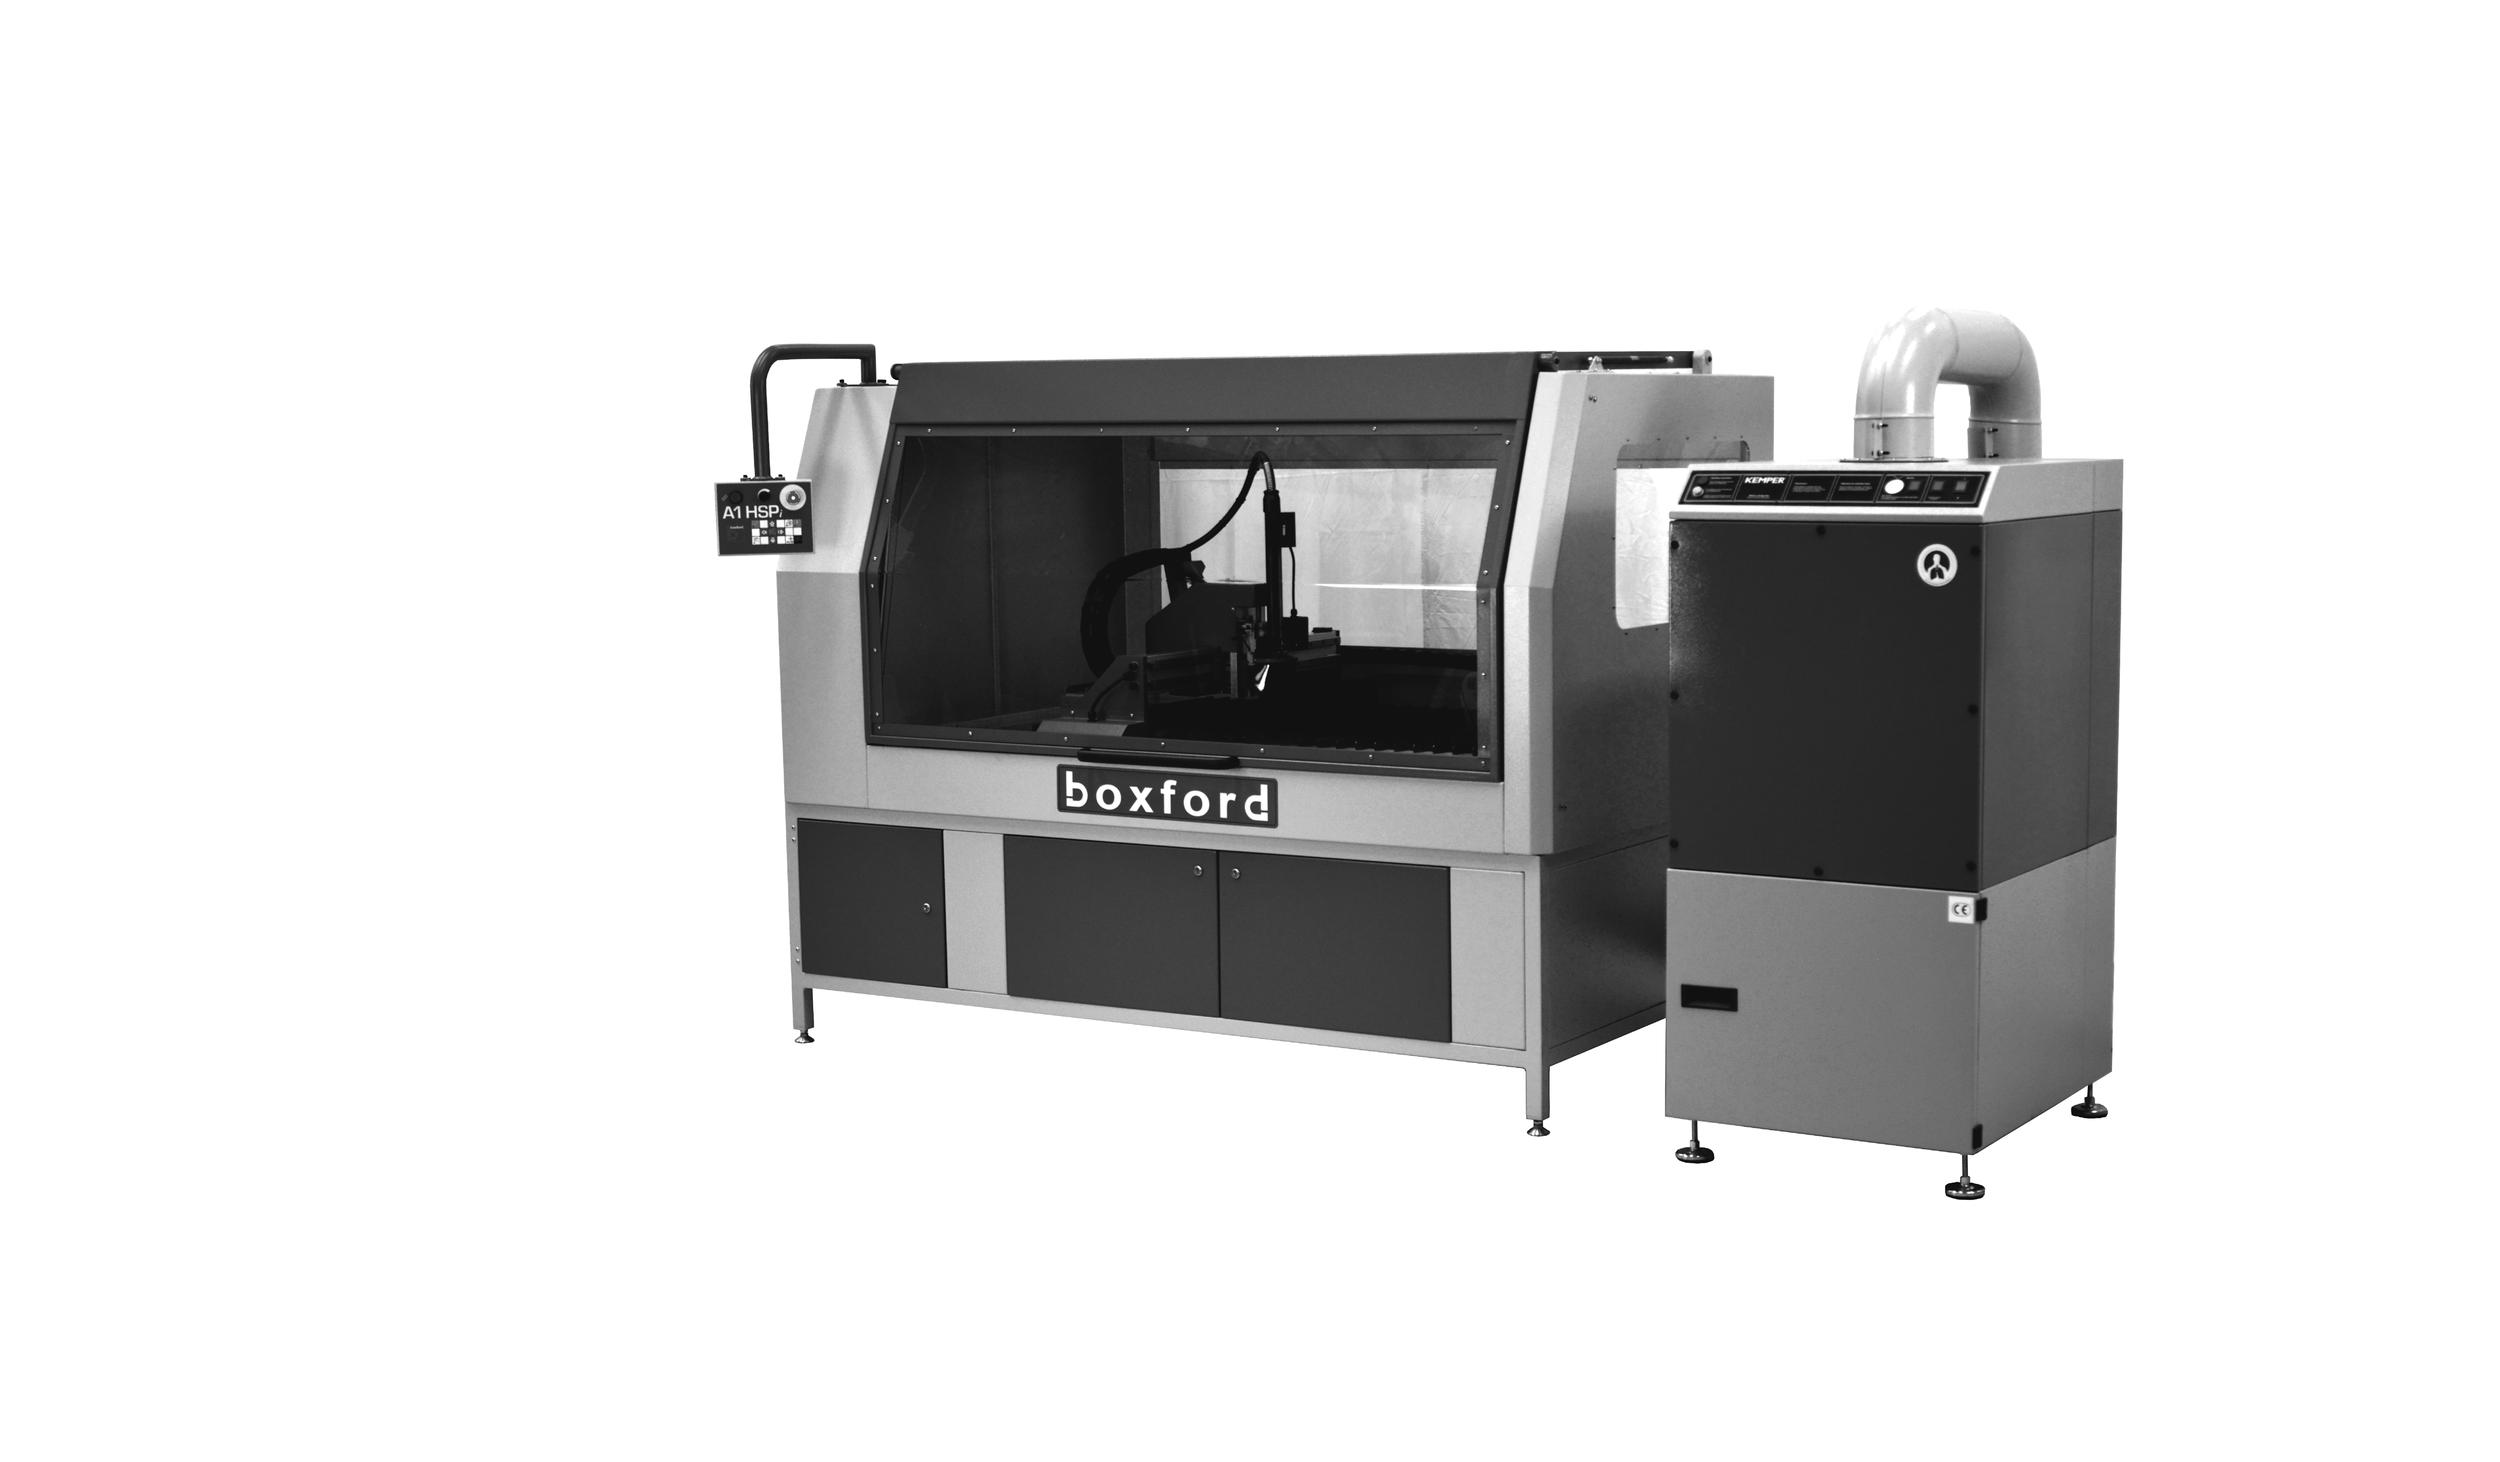 Equipamiento CNC - Torno, fresadora, centros de mecanizado CNC y corte plasma . Utilizan códigos de nivel industrial y son ideales para la formación profesional de…